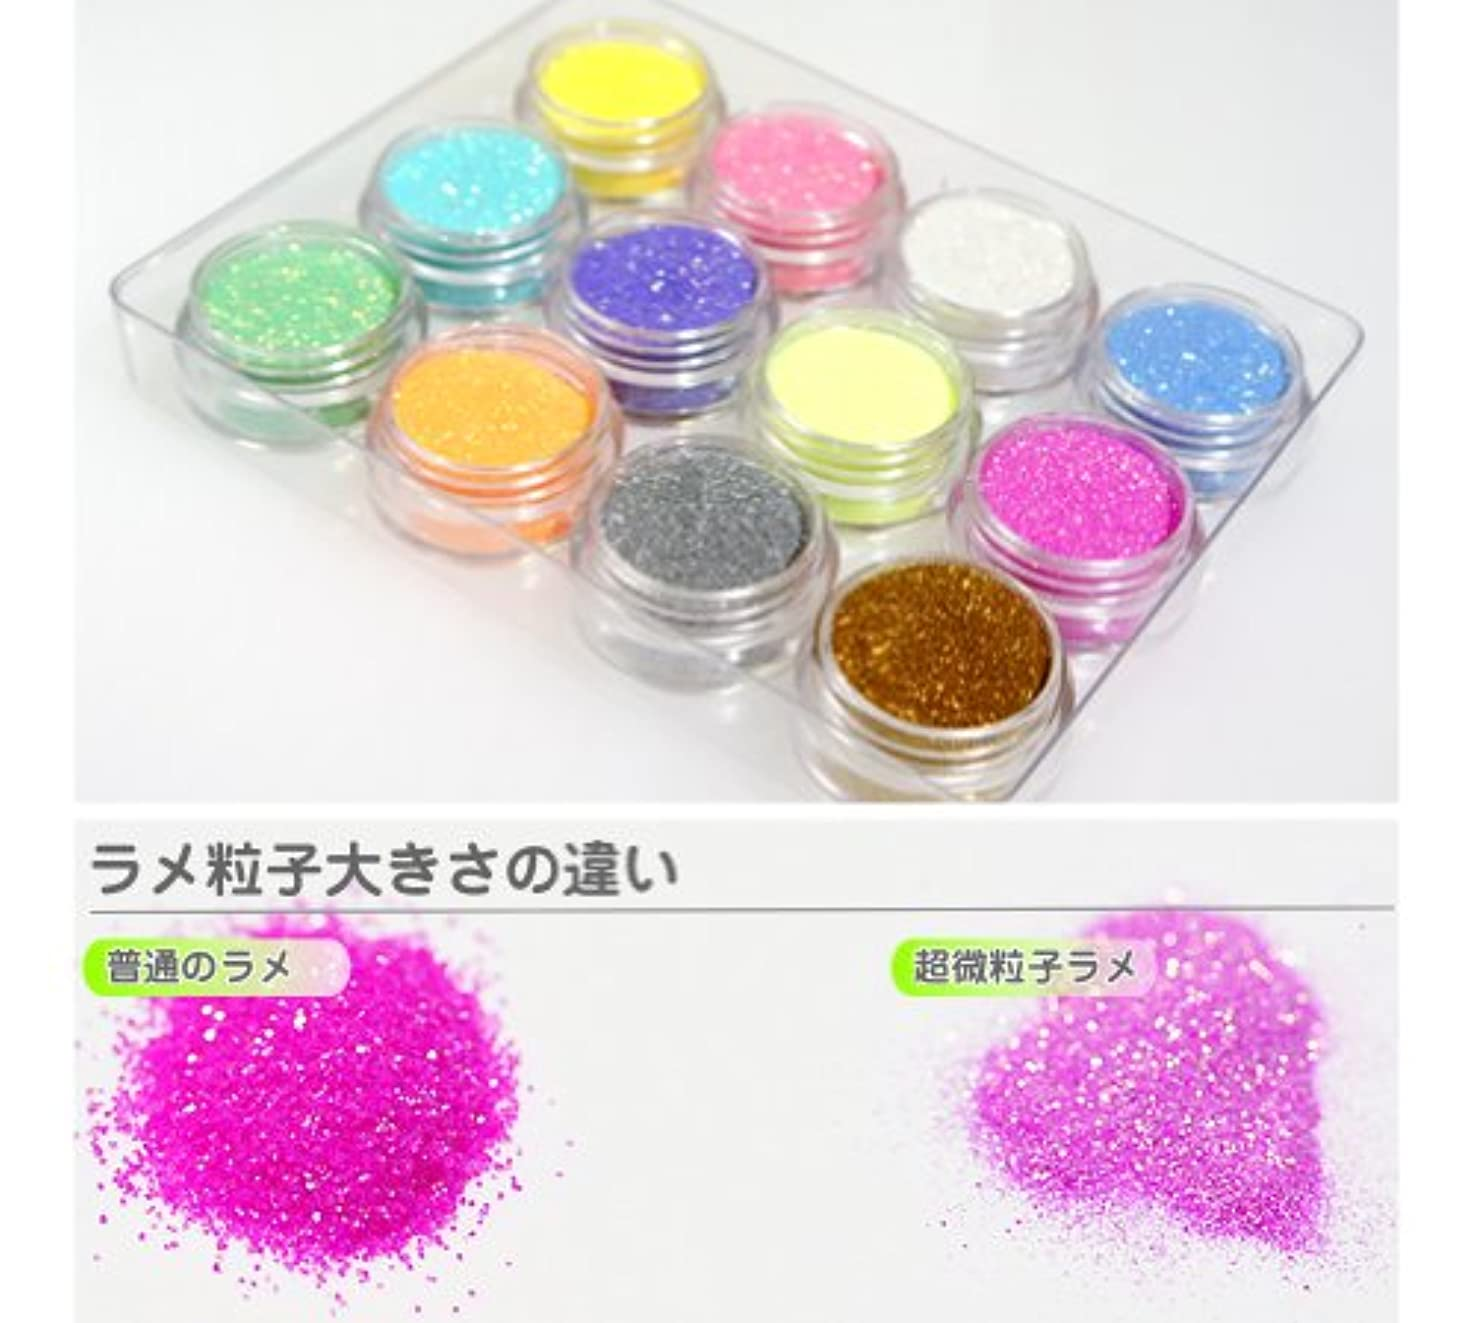 露骨な神秘的な影のあるネオコレクションオリジナル☆超微粒子ラメパウダー0.1mm、砂のようにサラサラで抜群の発色 ジェルネイルアートに!